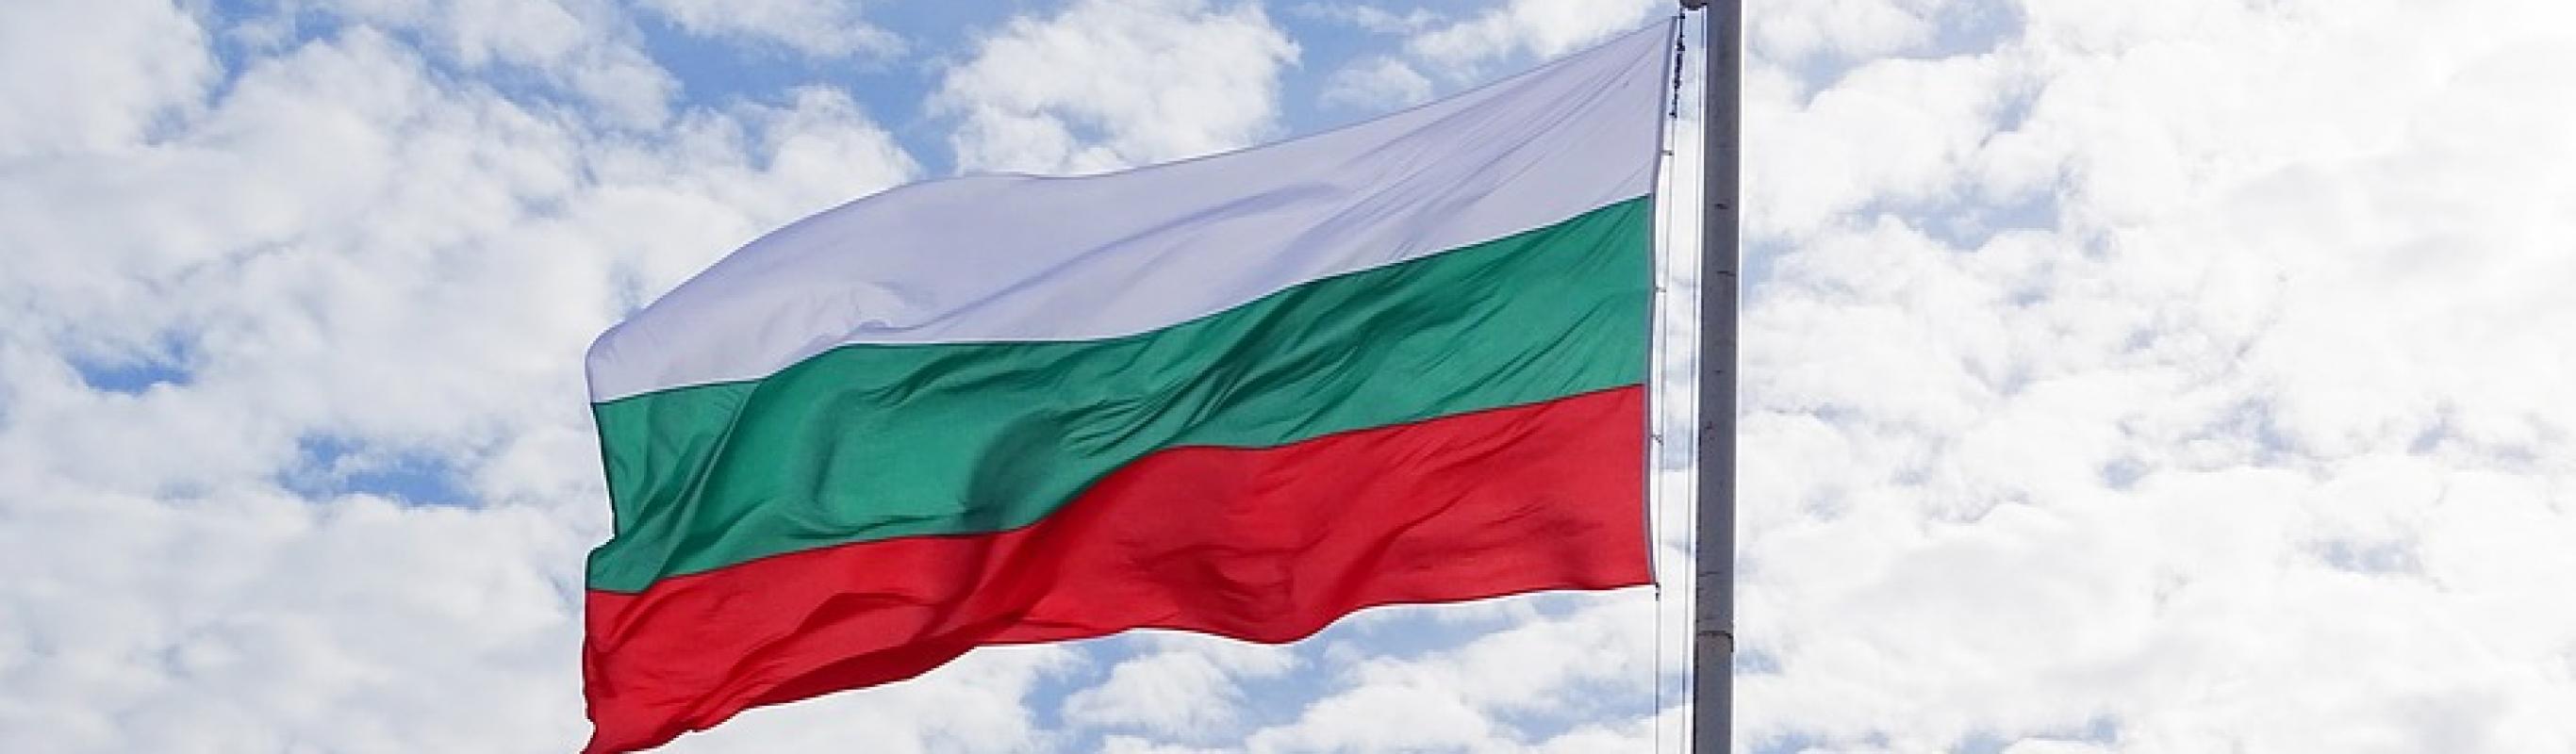 why visit bulgaria